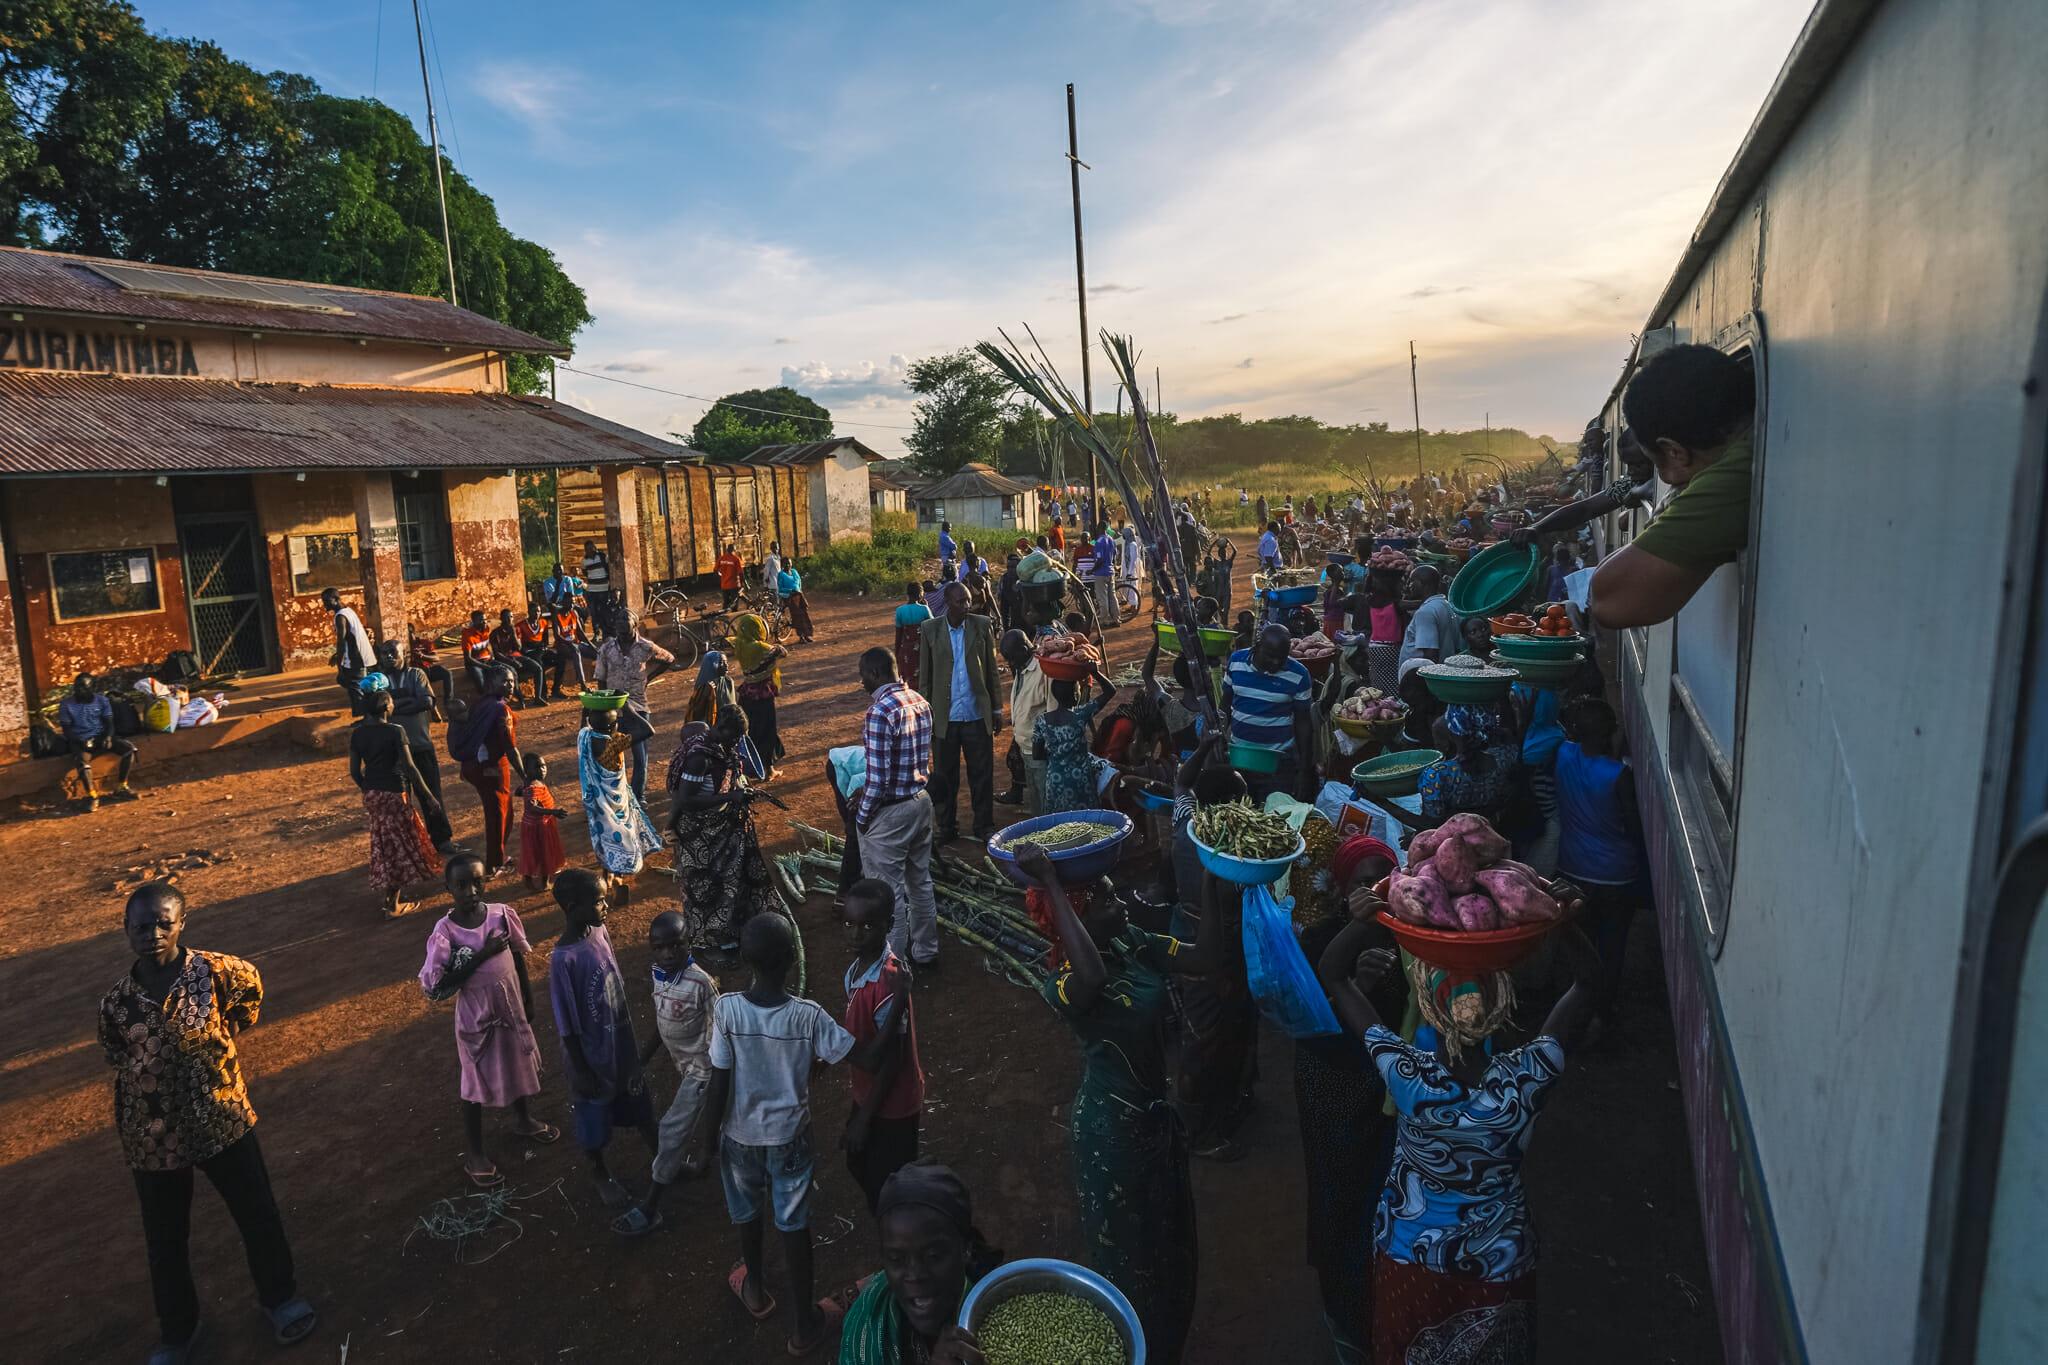 voyage-train-tanzanie-marchandises